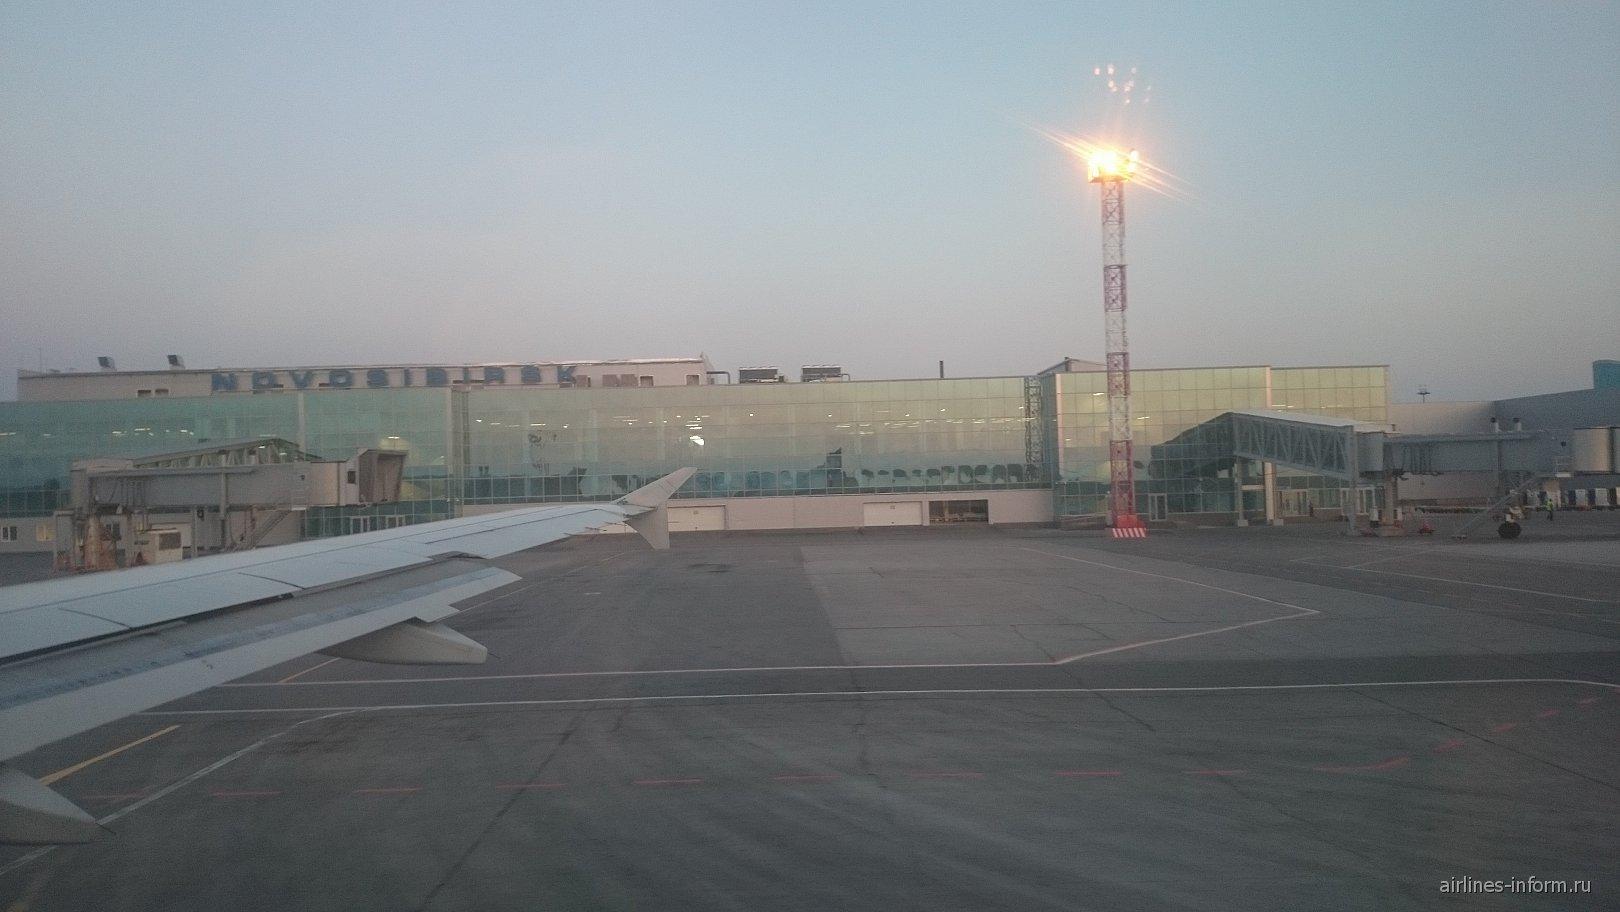 Терминал международных воздушных линий аэропорта Новосибирск Толмачево